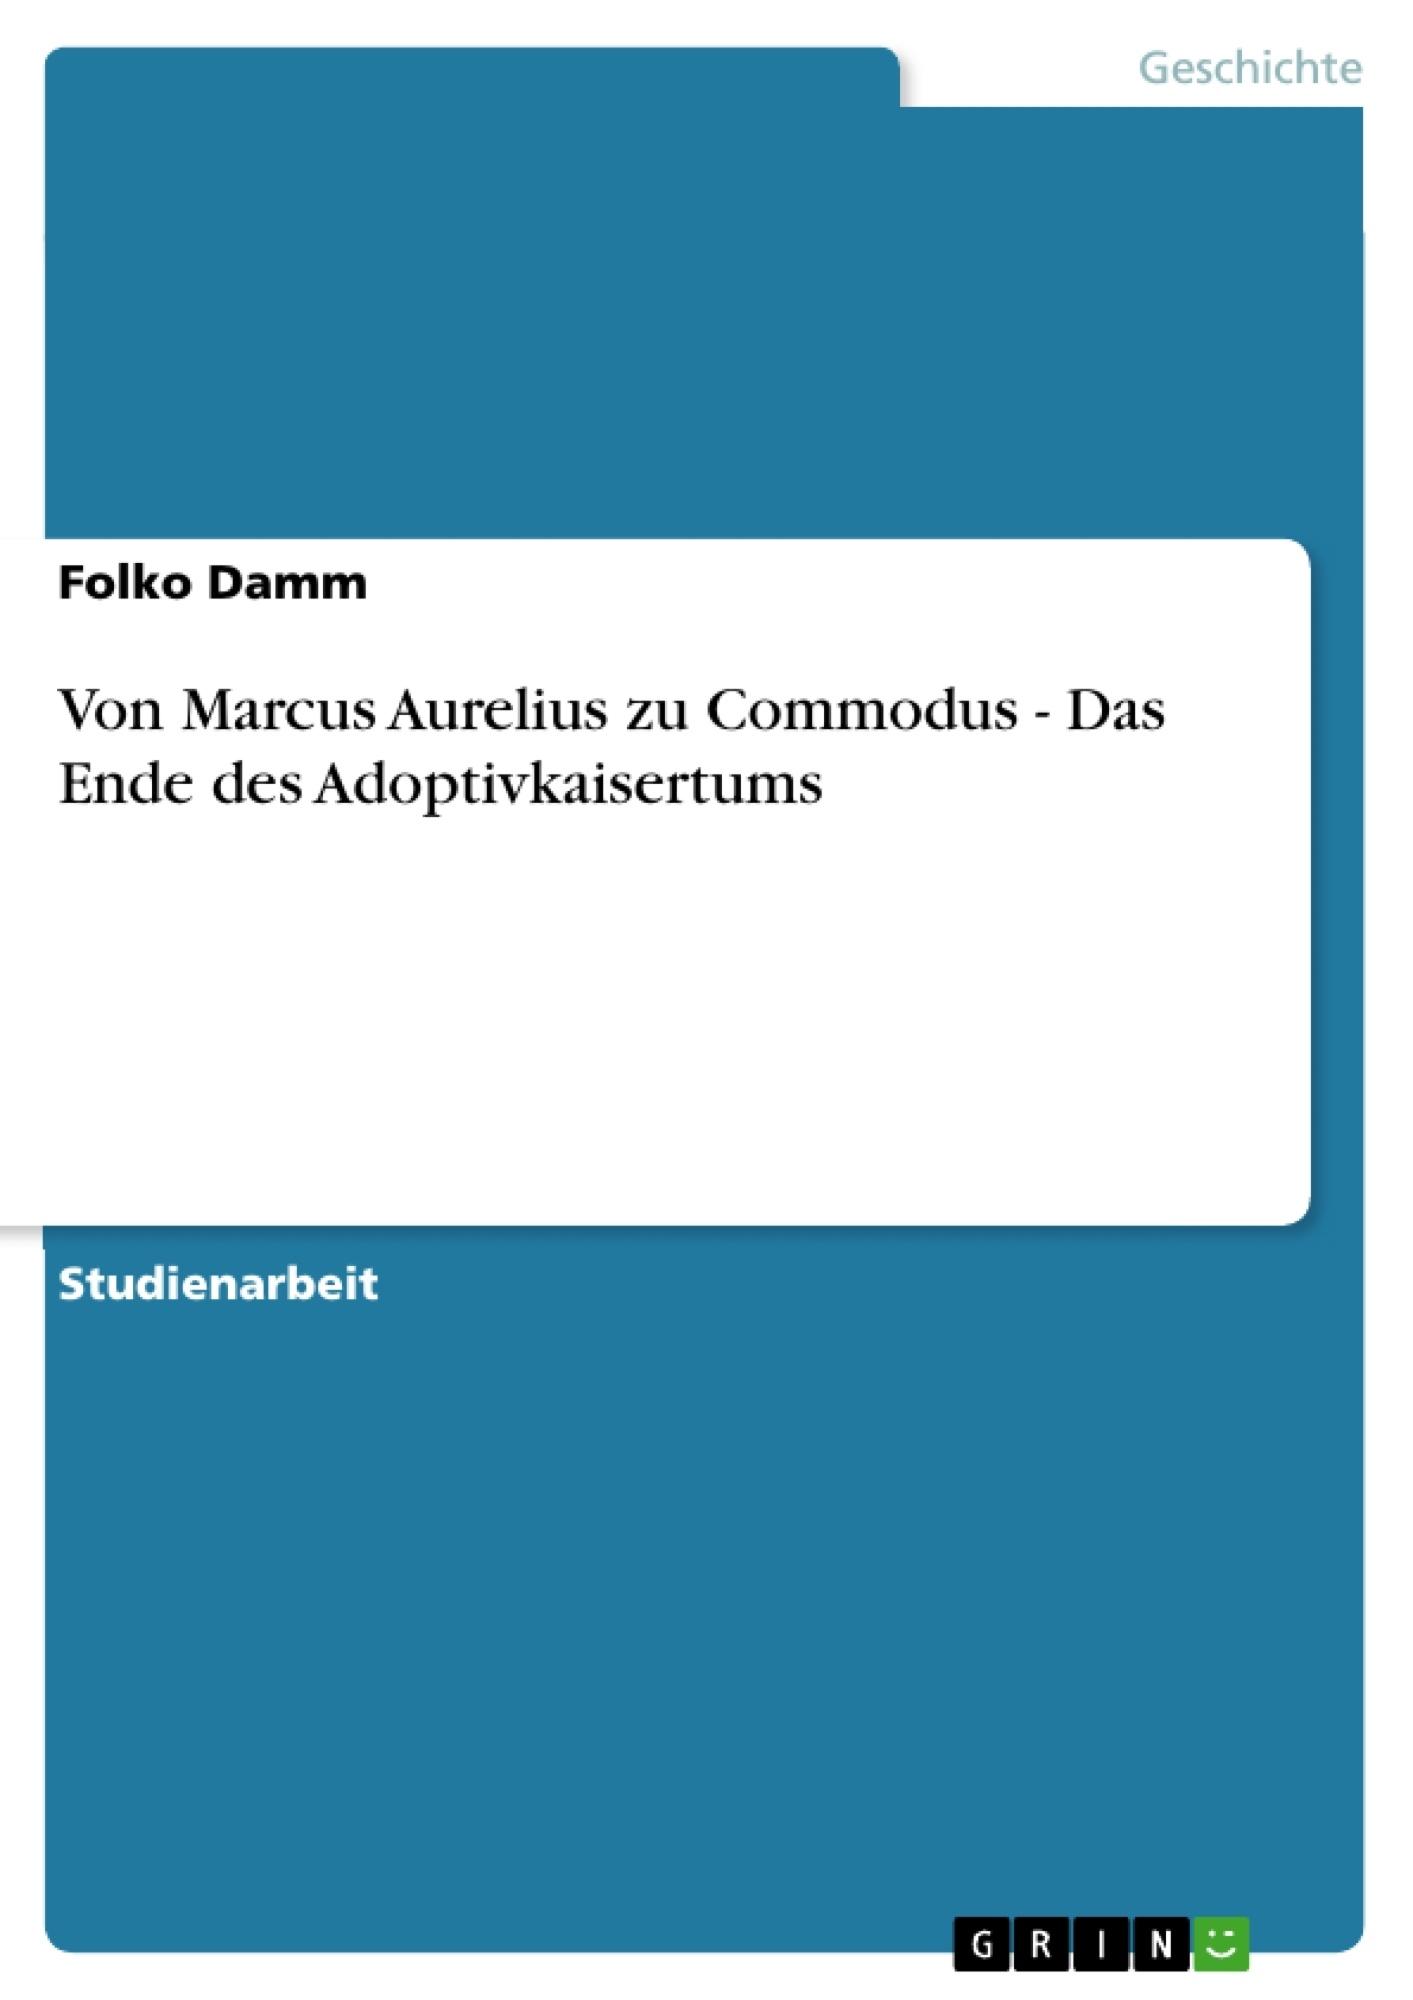 Titel: Von Marcus Aurelius zu Commodus - Das Ende des Adoptivkaisertums